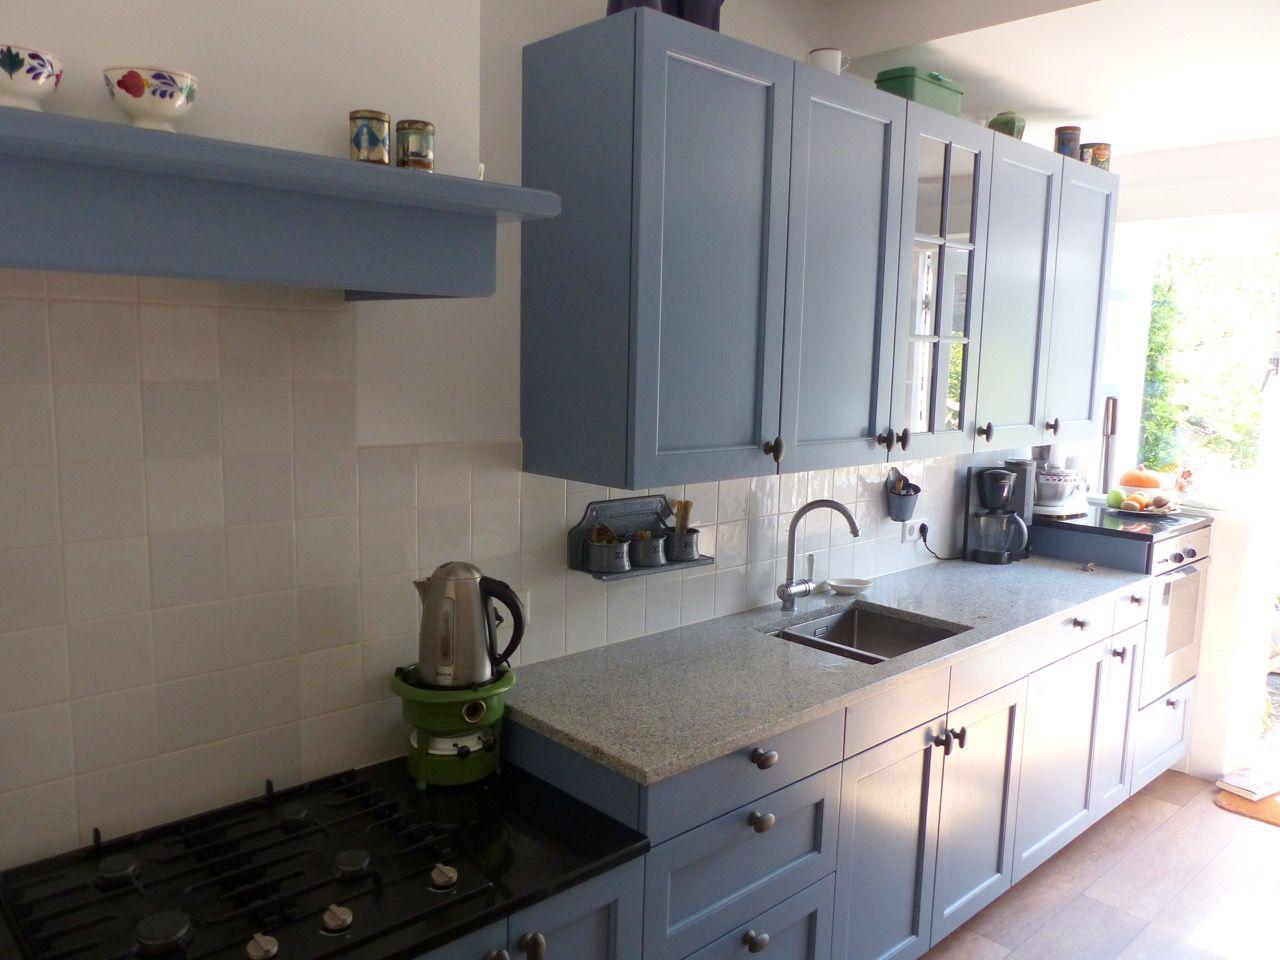 Landelijk blauwe keuken landelijke keukens pinterest keuken en keukens - Idee deco keuken grijs ...